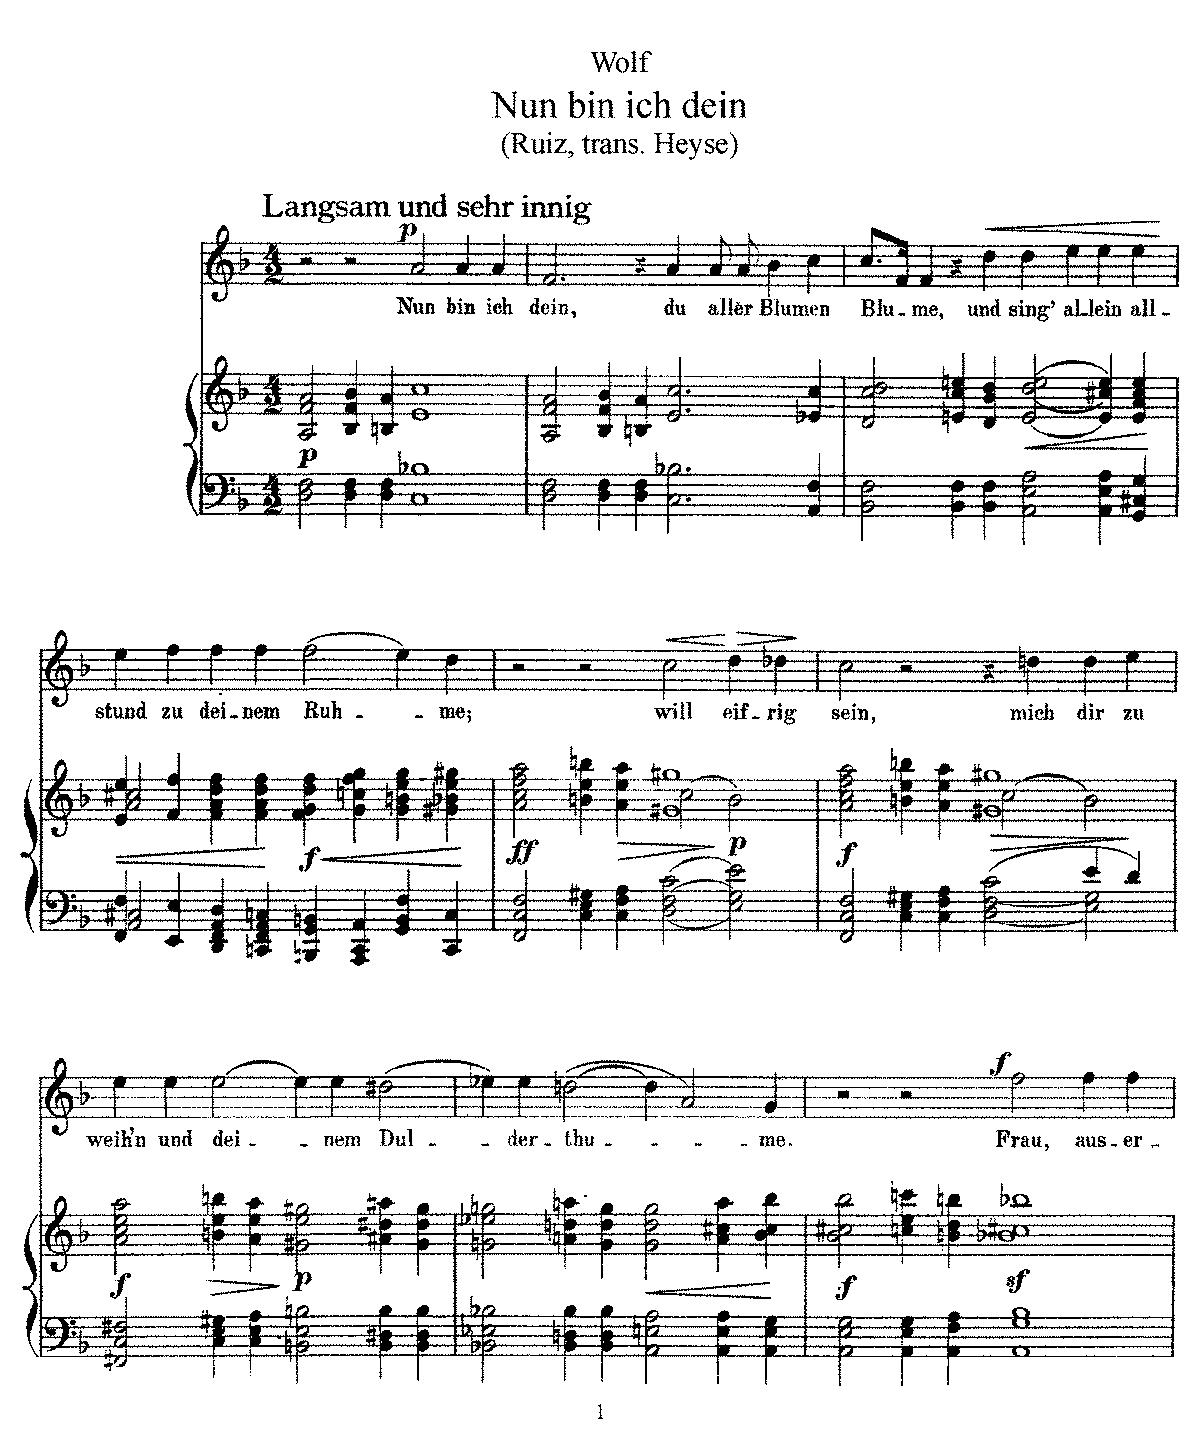 Free Sheet Music Public Domain: Spanisches Liederbuch (Wolf, Hugo)